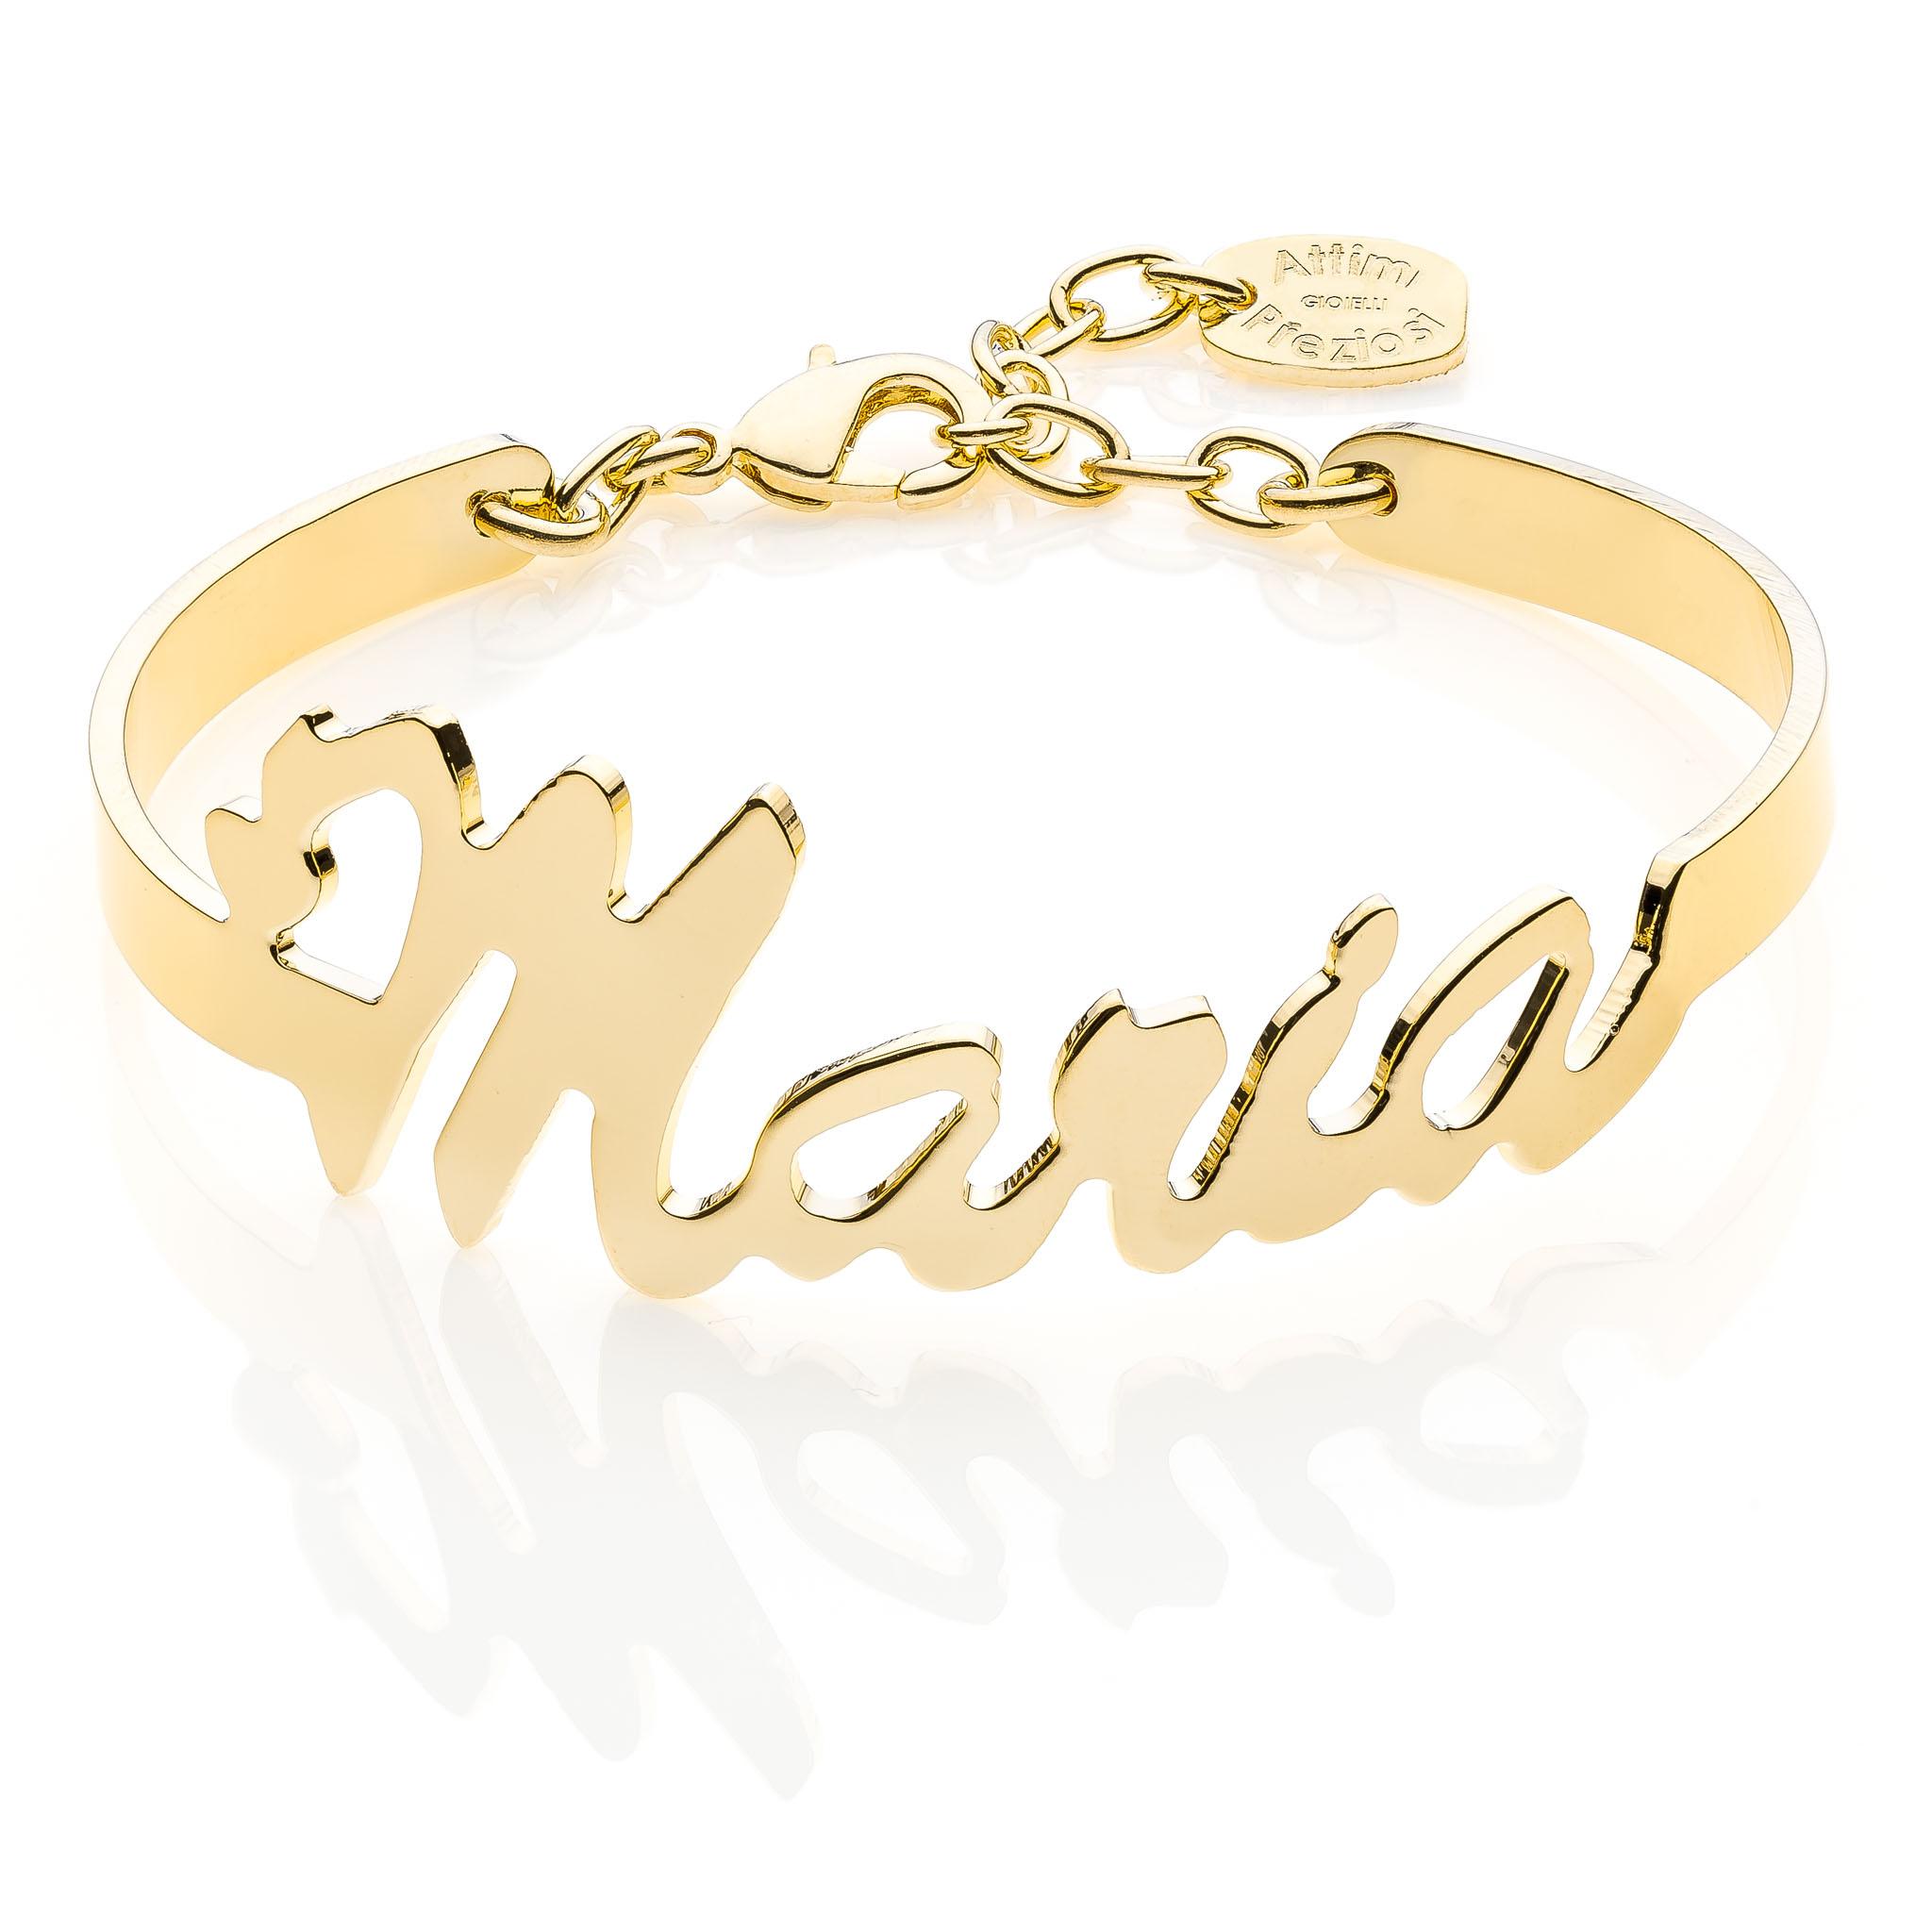 Sin dall\u0027inizio infatti, la mission Attimi Preziosi è quella di offrire  alle donne una gamma di gioielli autentici, dal design moderno, di elevata  qualità,